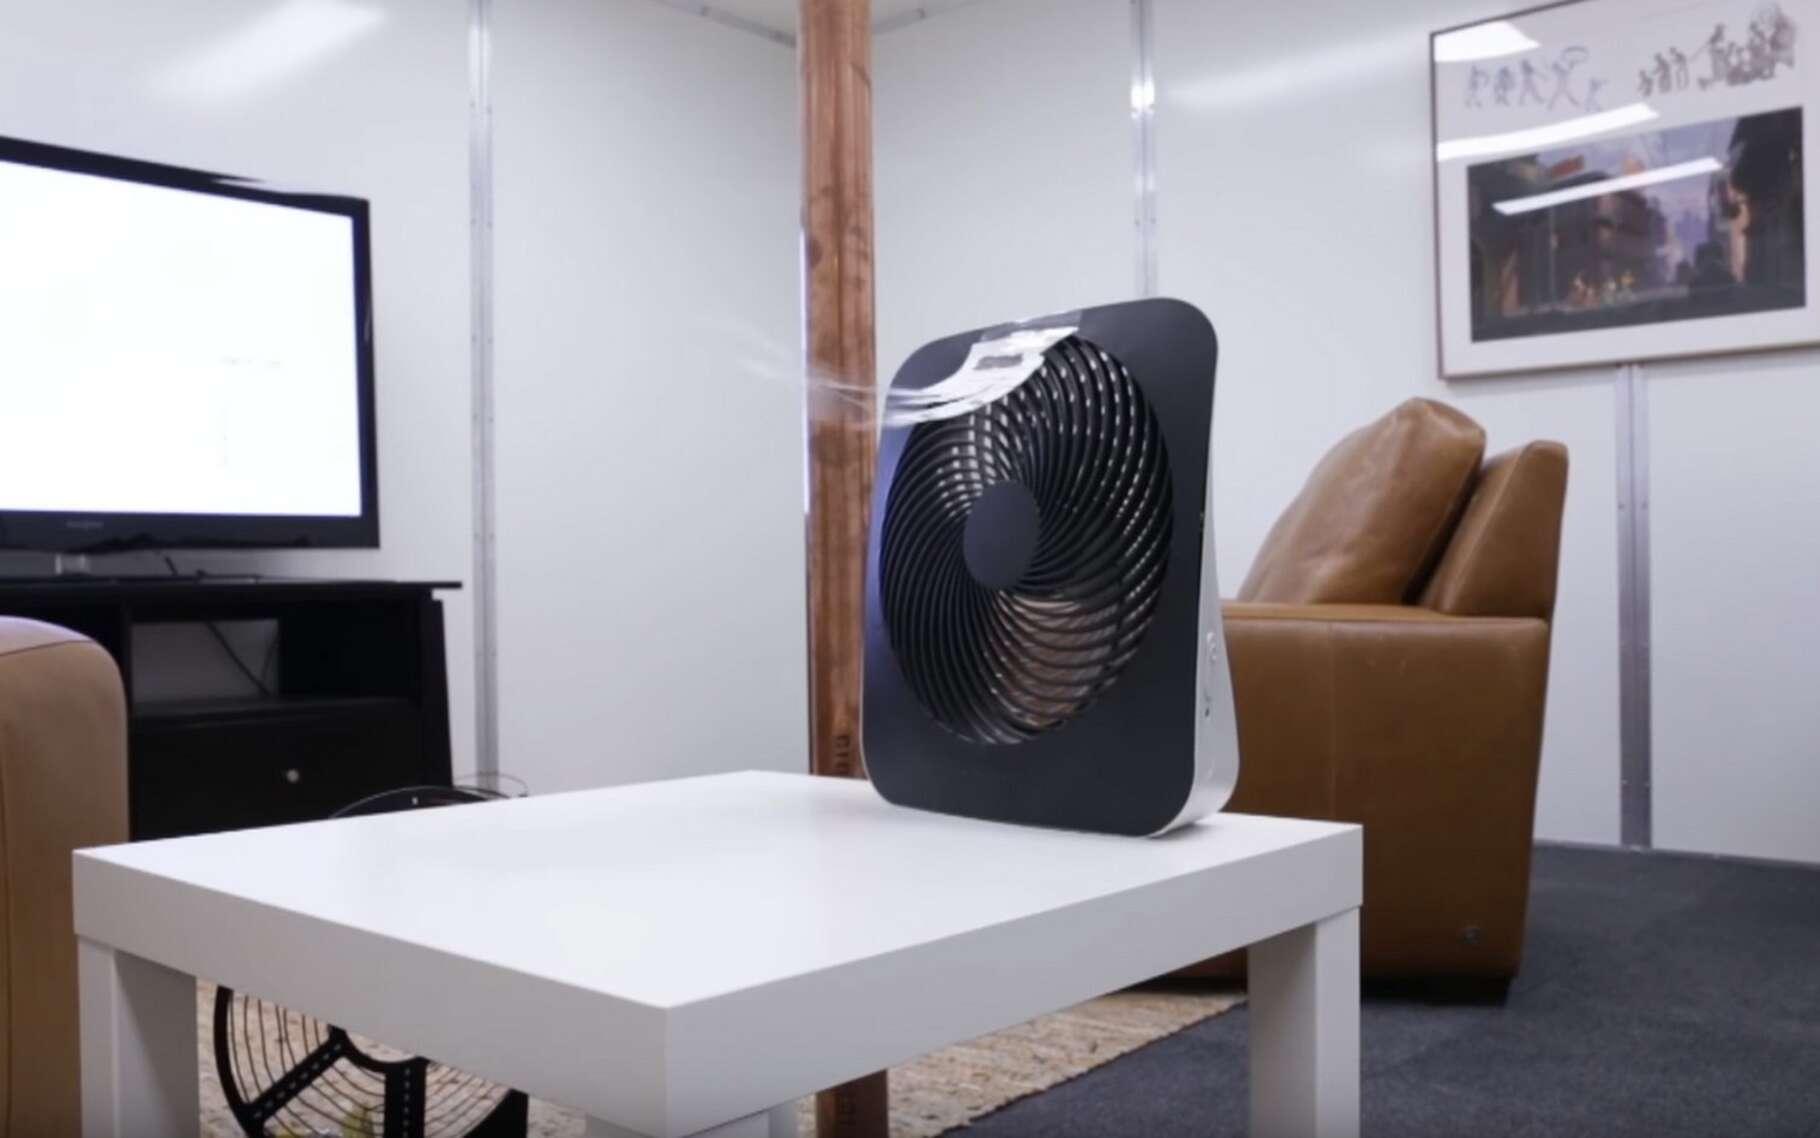 De la recharge sans fil en 3D simple comme le Wi-Fi : le ventilateur de 5 watts que l'on voit à l'image est alimenté par le champ magnétique environnant capté par une bobine réceptrice en cuivre. © Disney Research